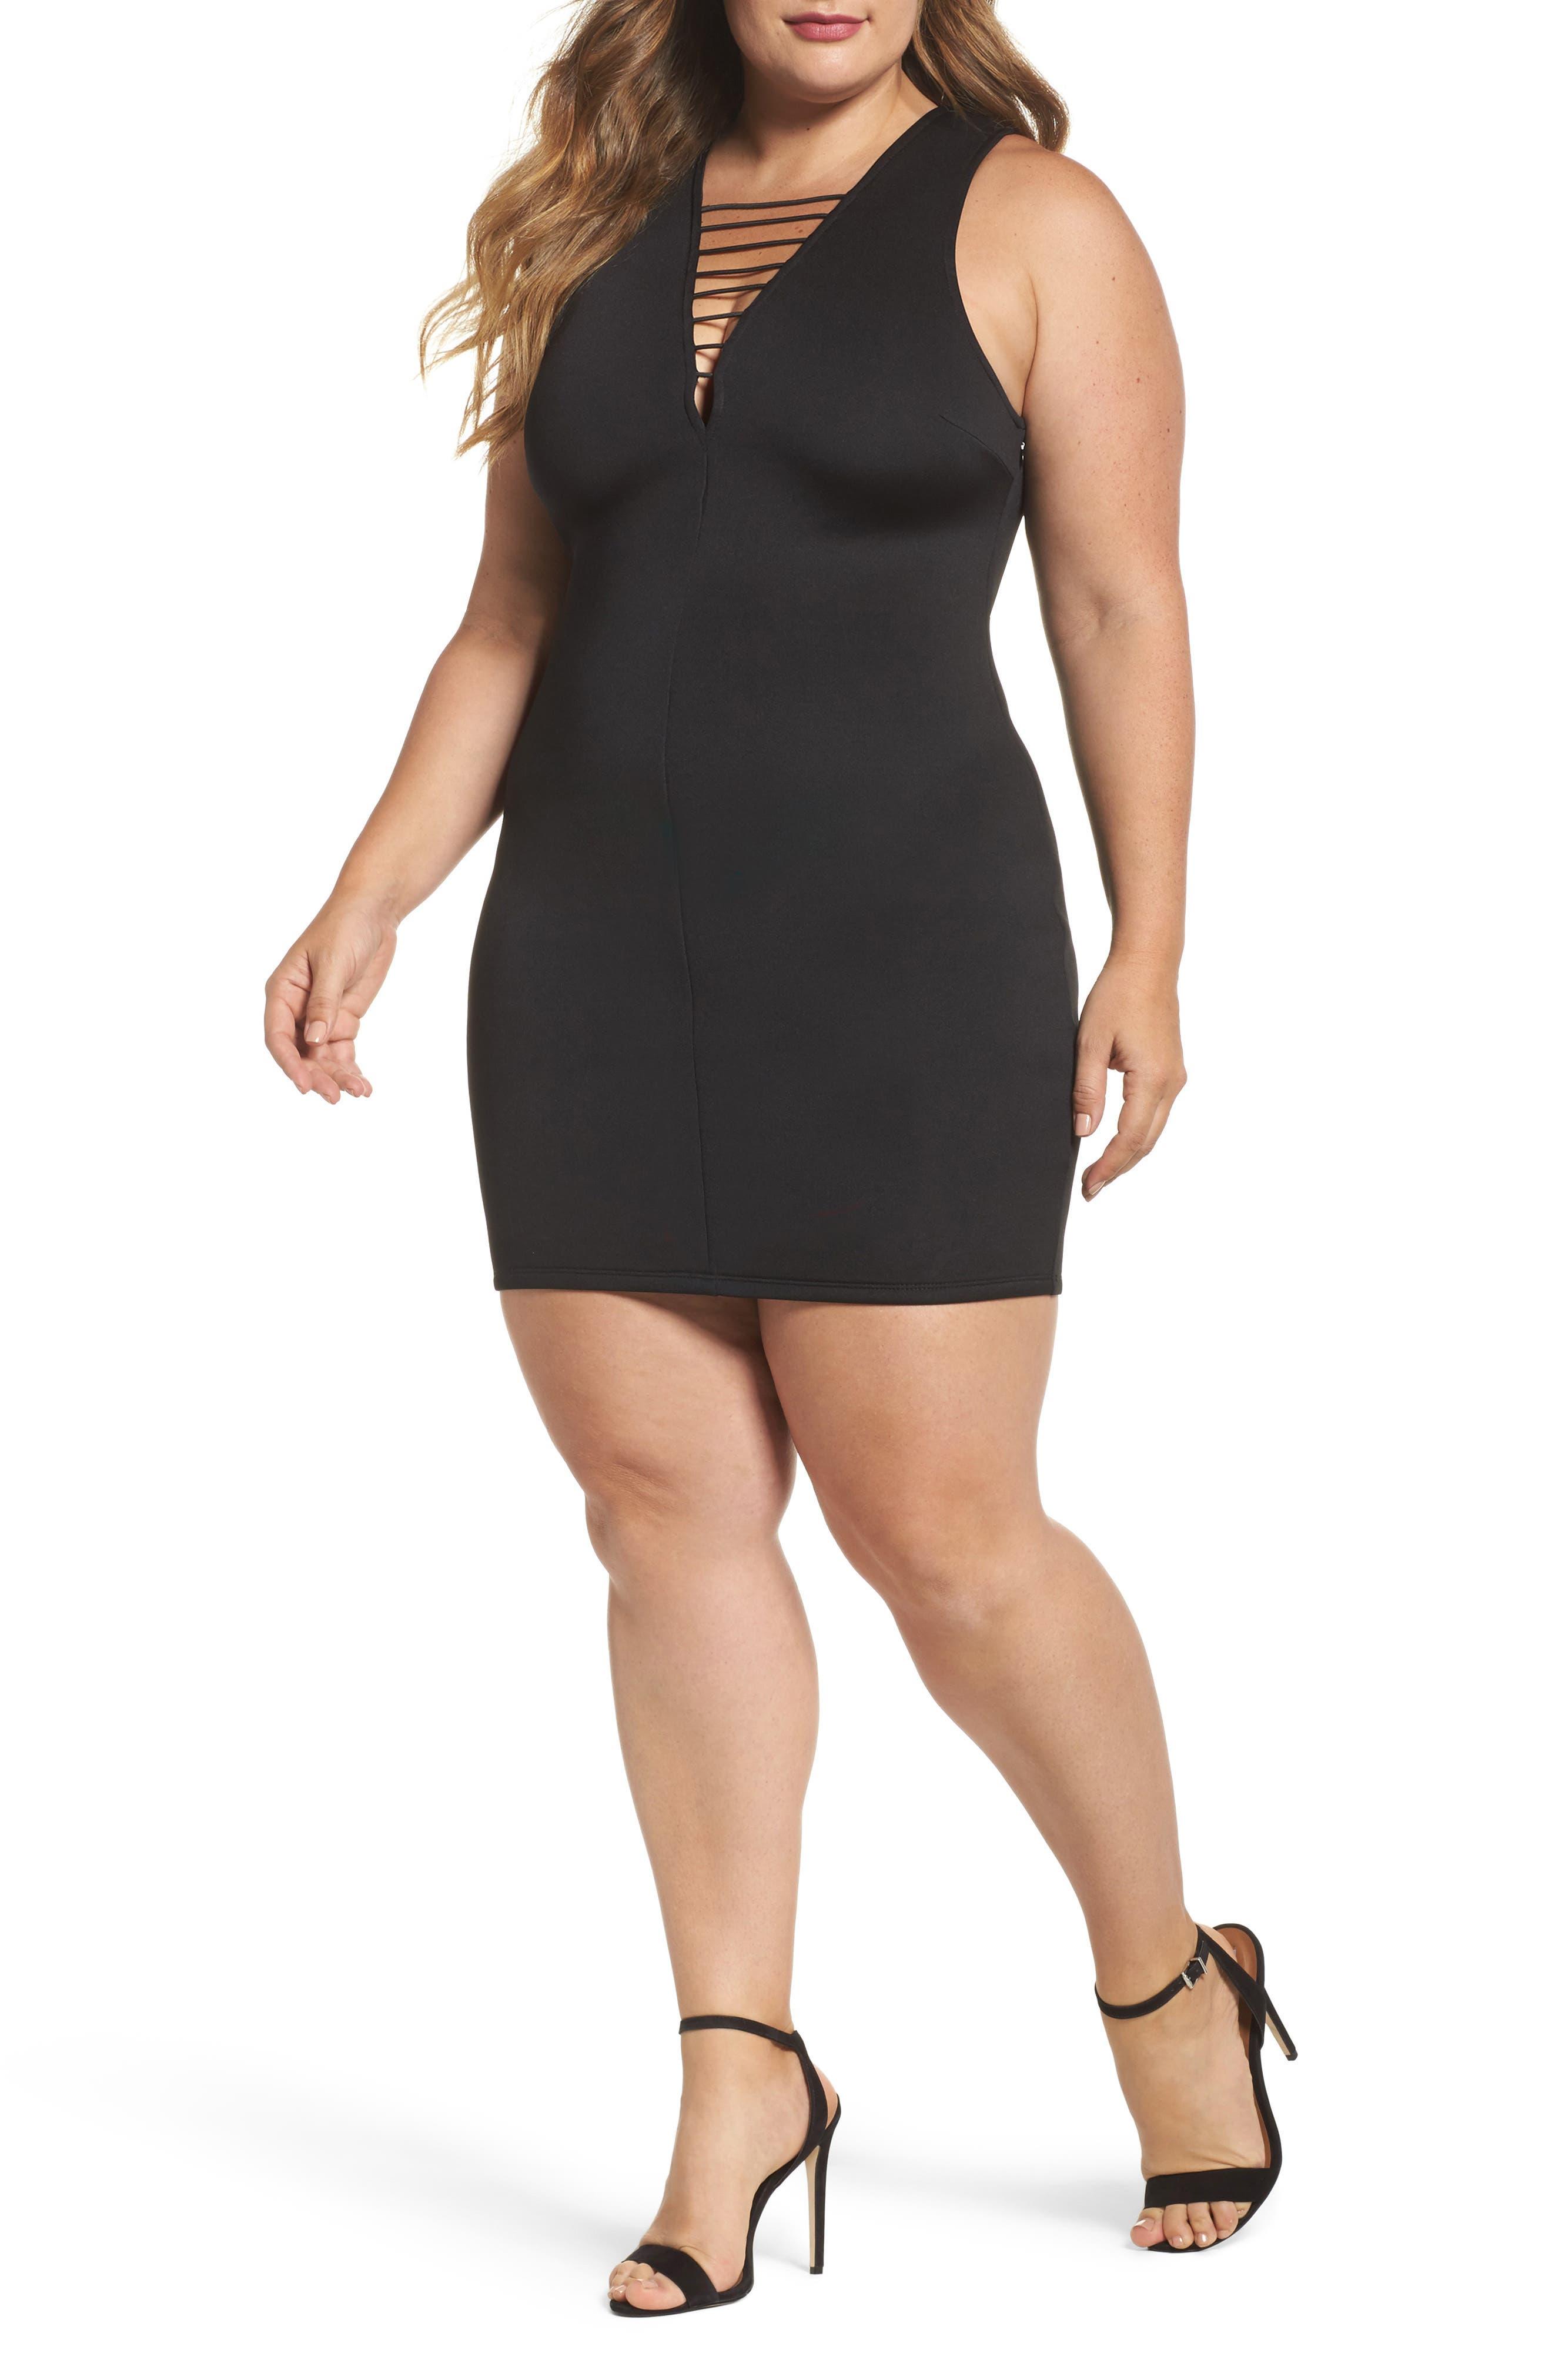 Soprano Strappy Body-Con Dress